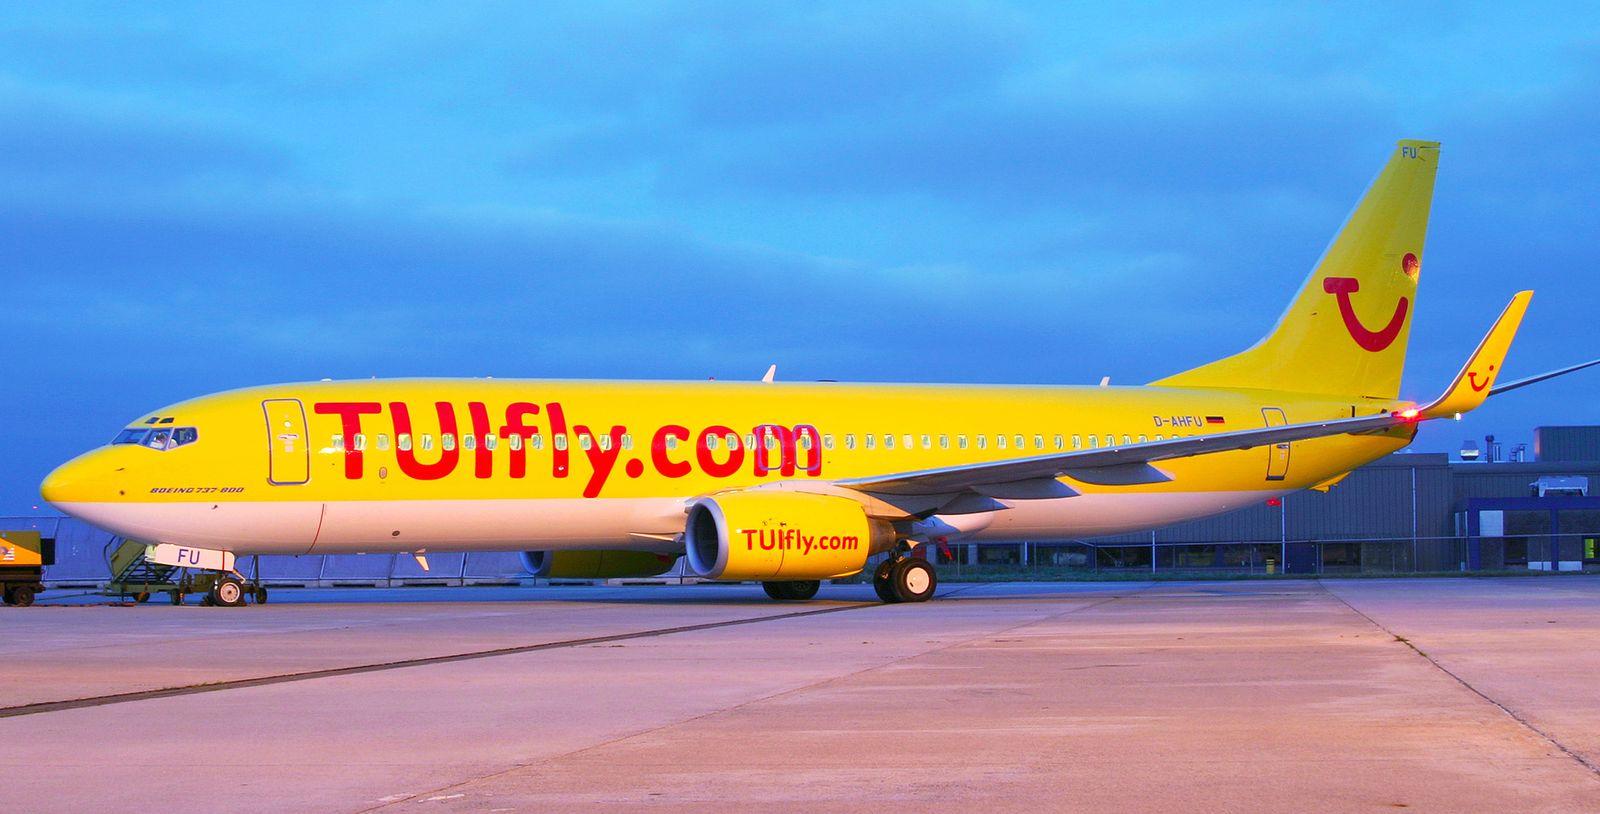 Tuifly- TUIfly.com